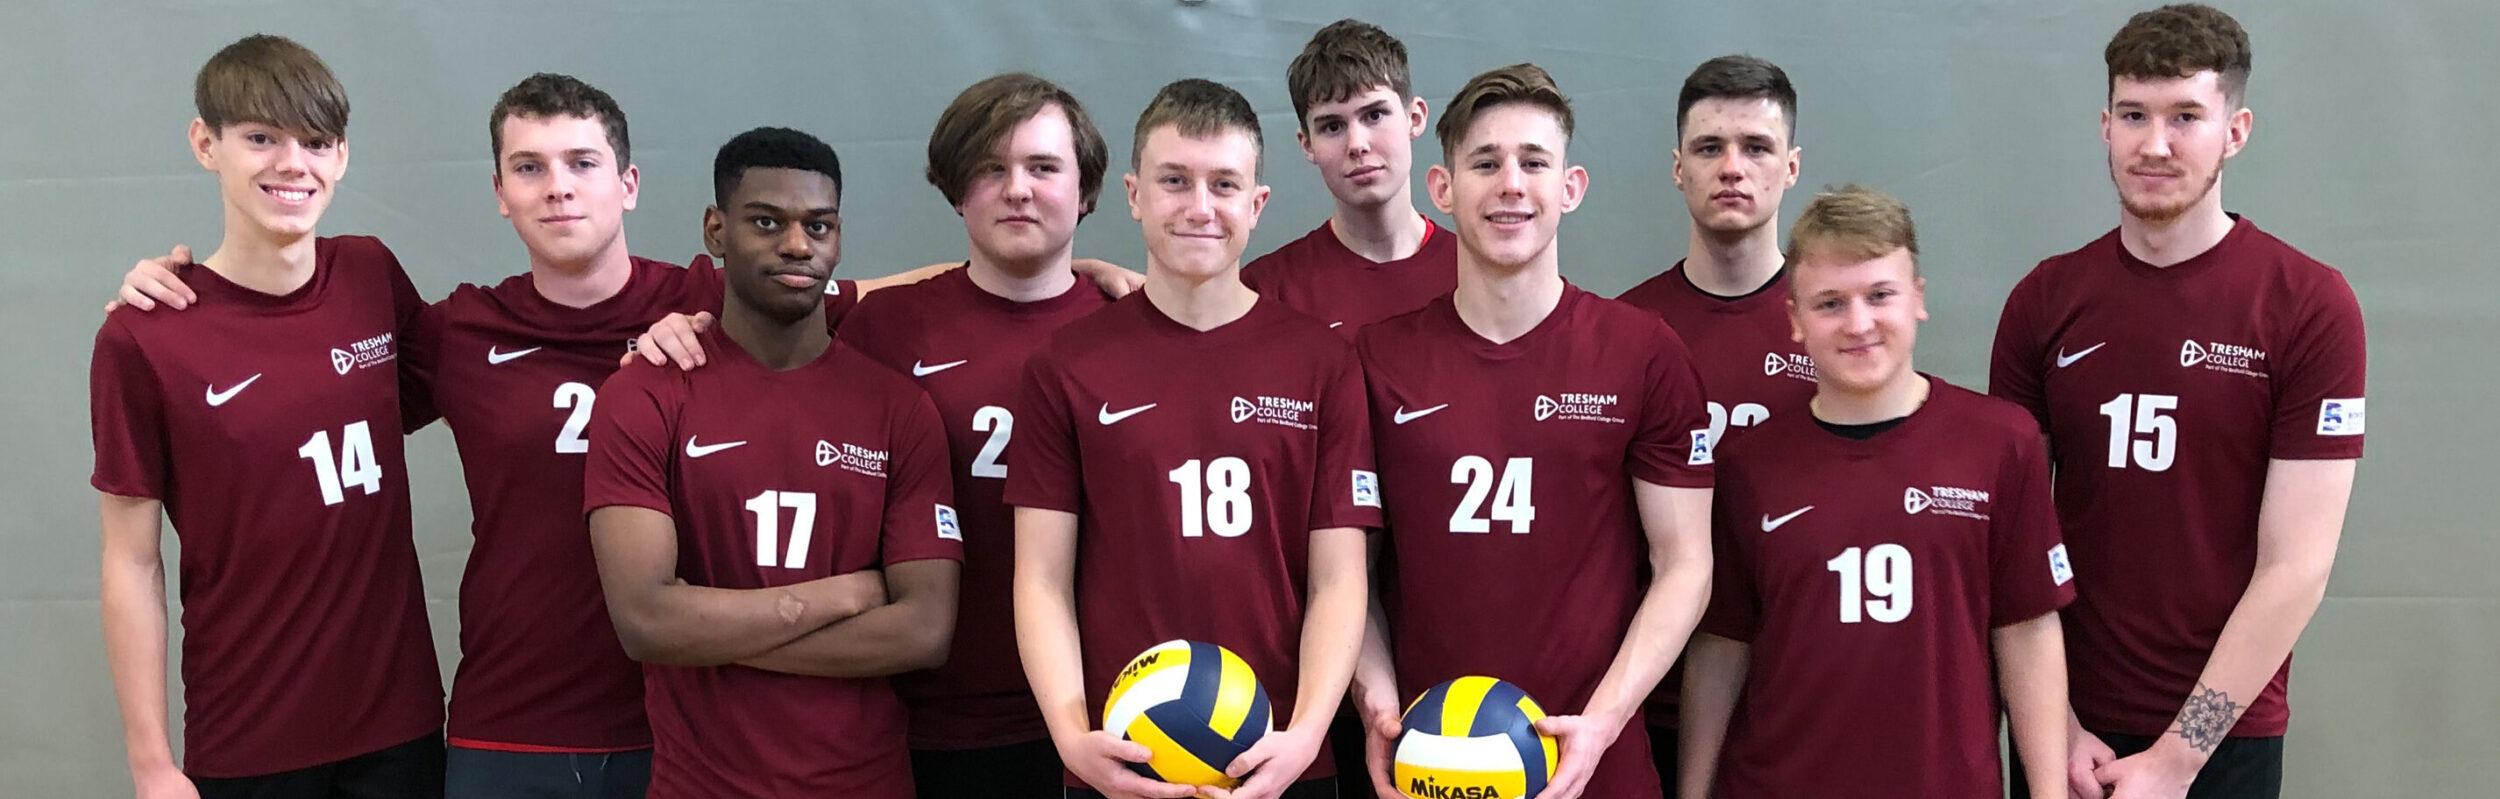 Banner image Tresham College Volleyball Team